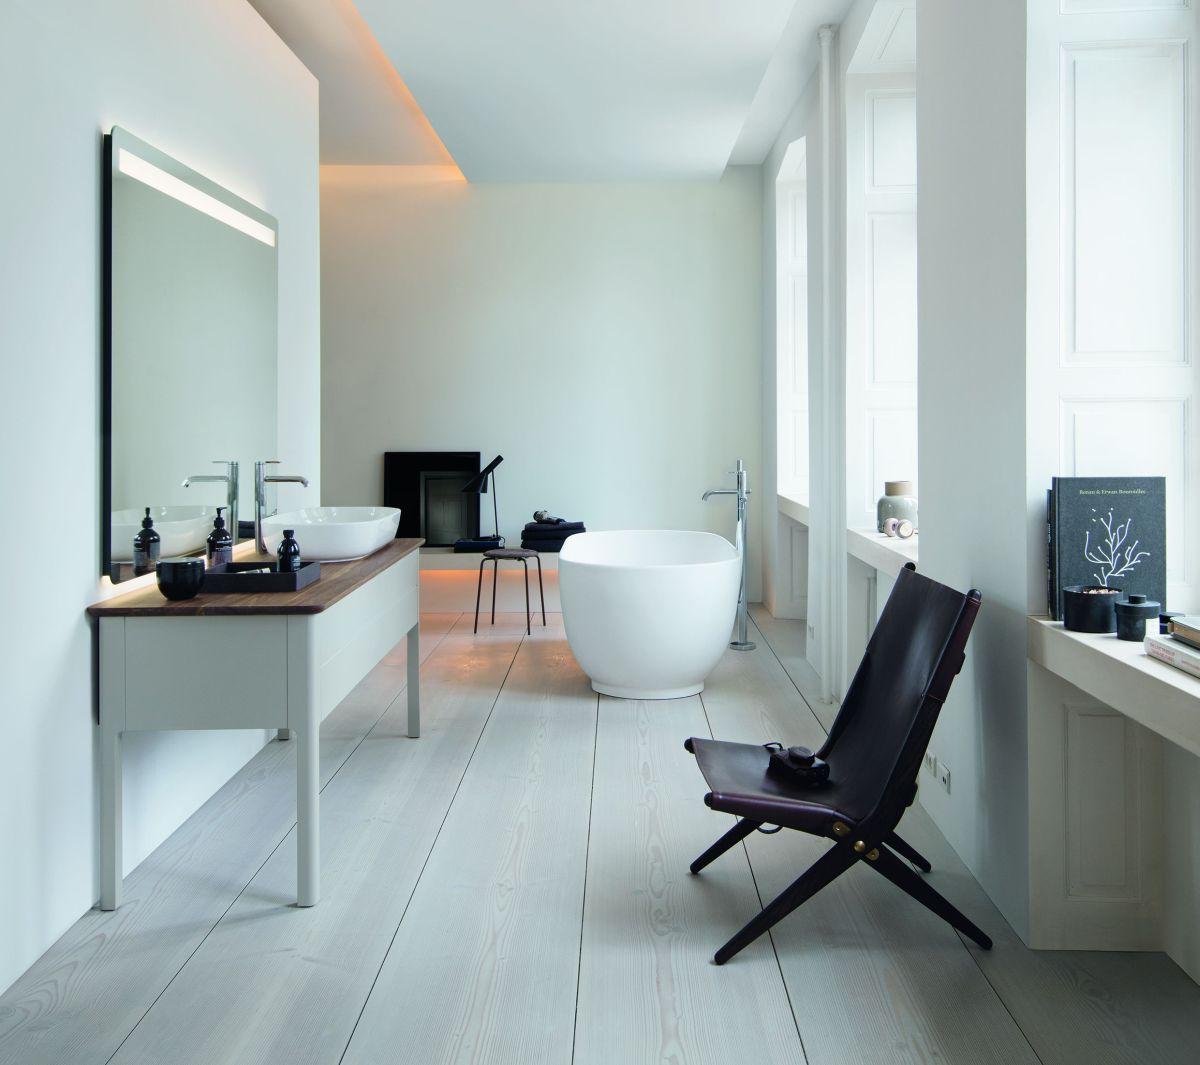 Kobieca łazienka w skandynawskim wydaniu (na zdjęciu linia Luv marki Duravit)